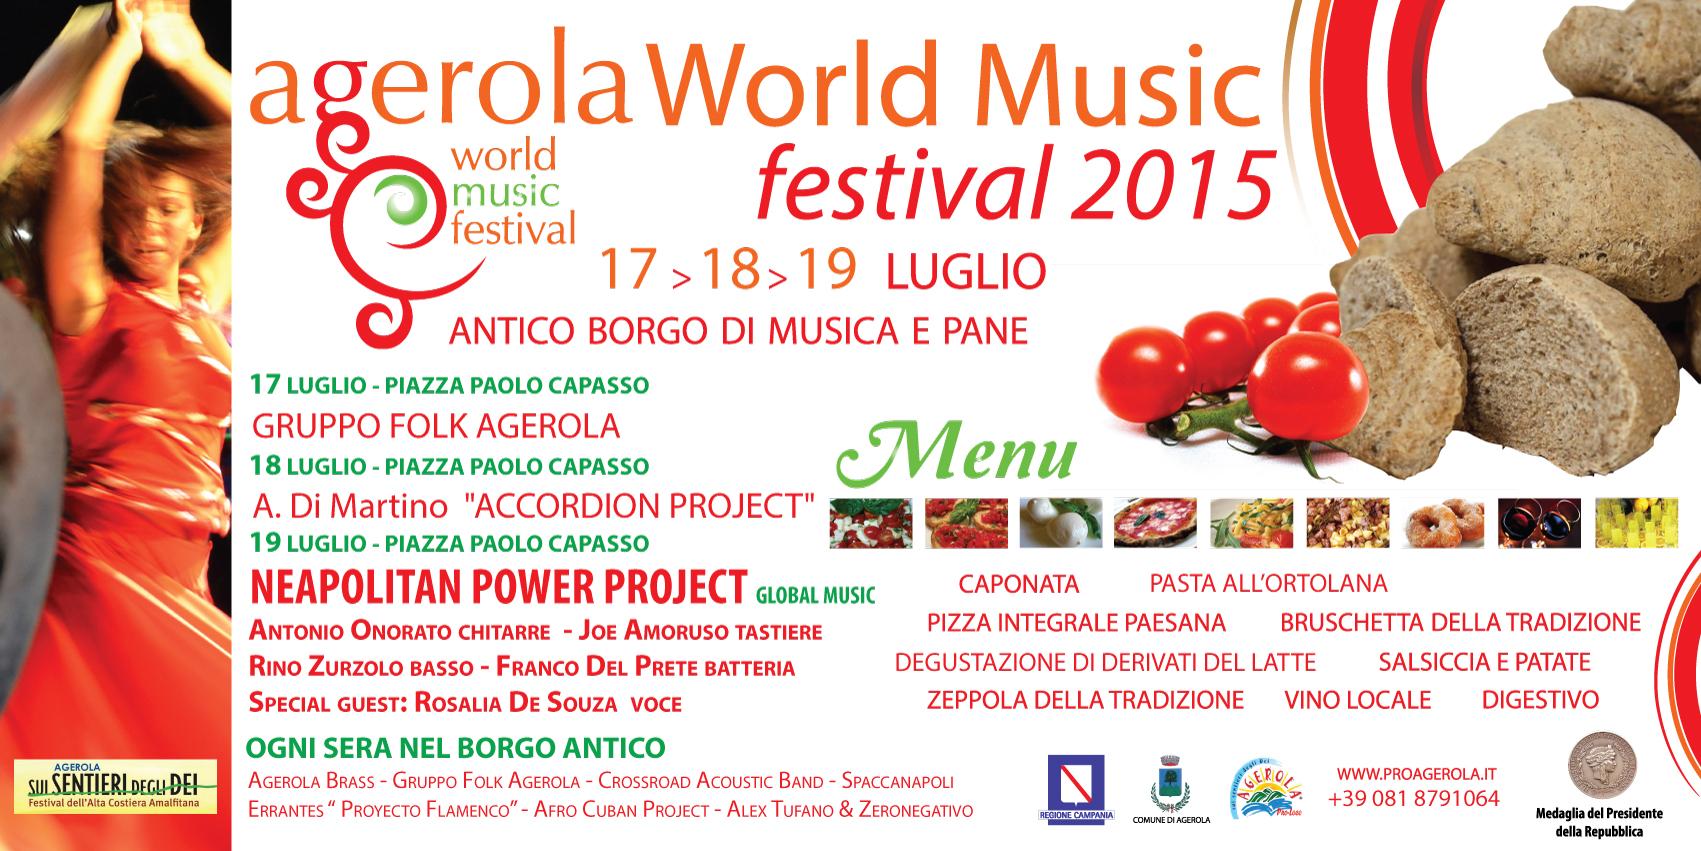 Agerola world music festival, dal 17 al 19 luglio 2015 a Agerola (Na) thumbnail